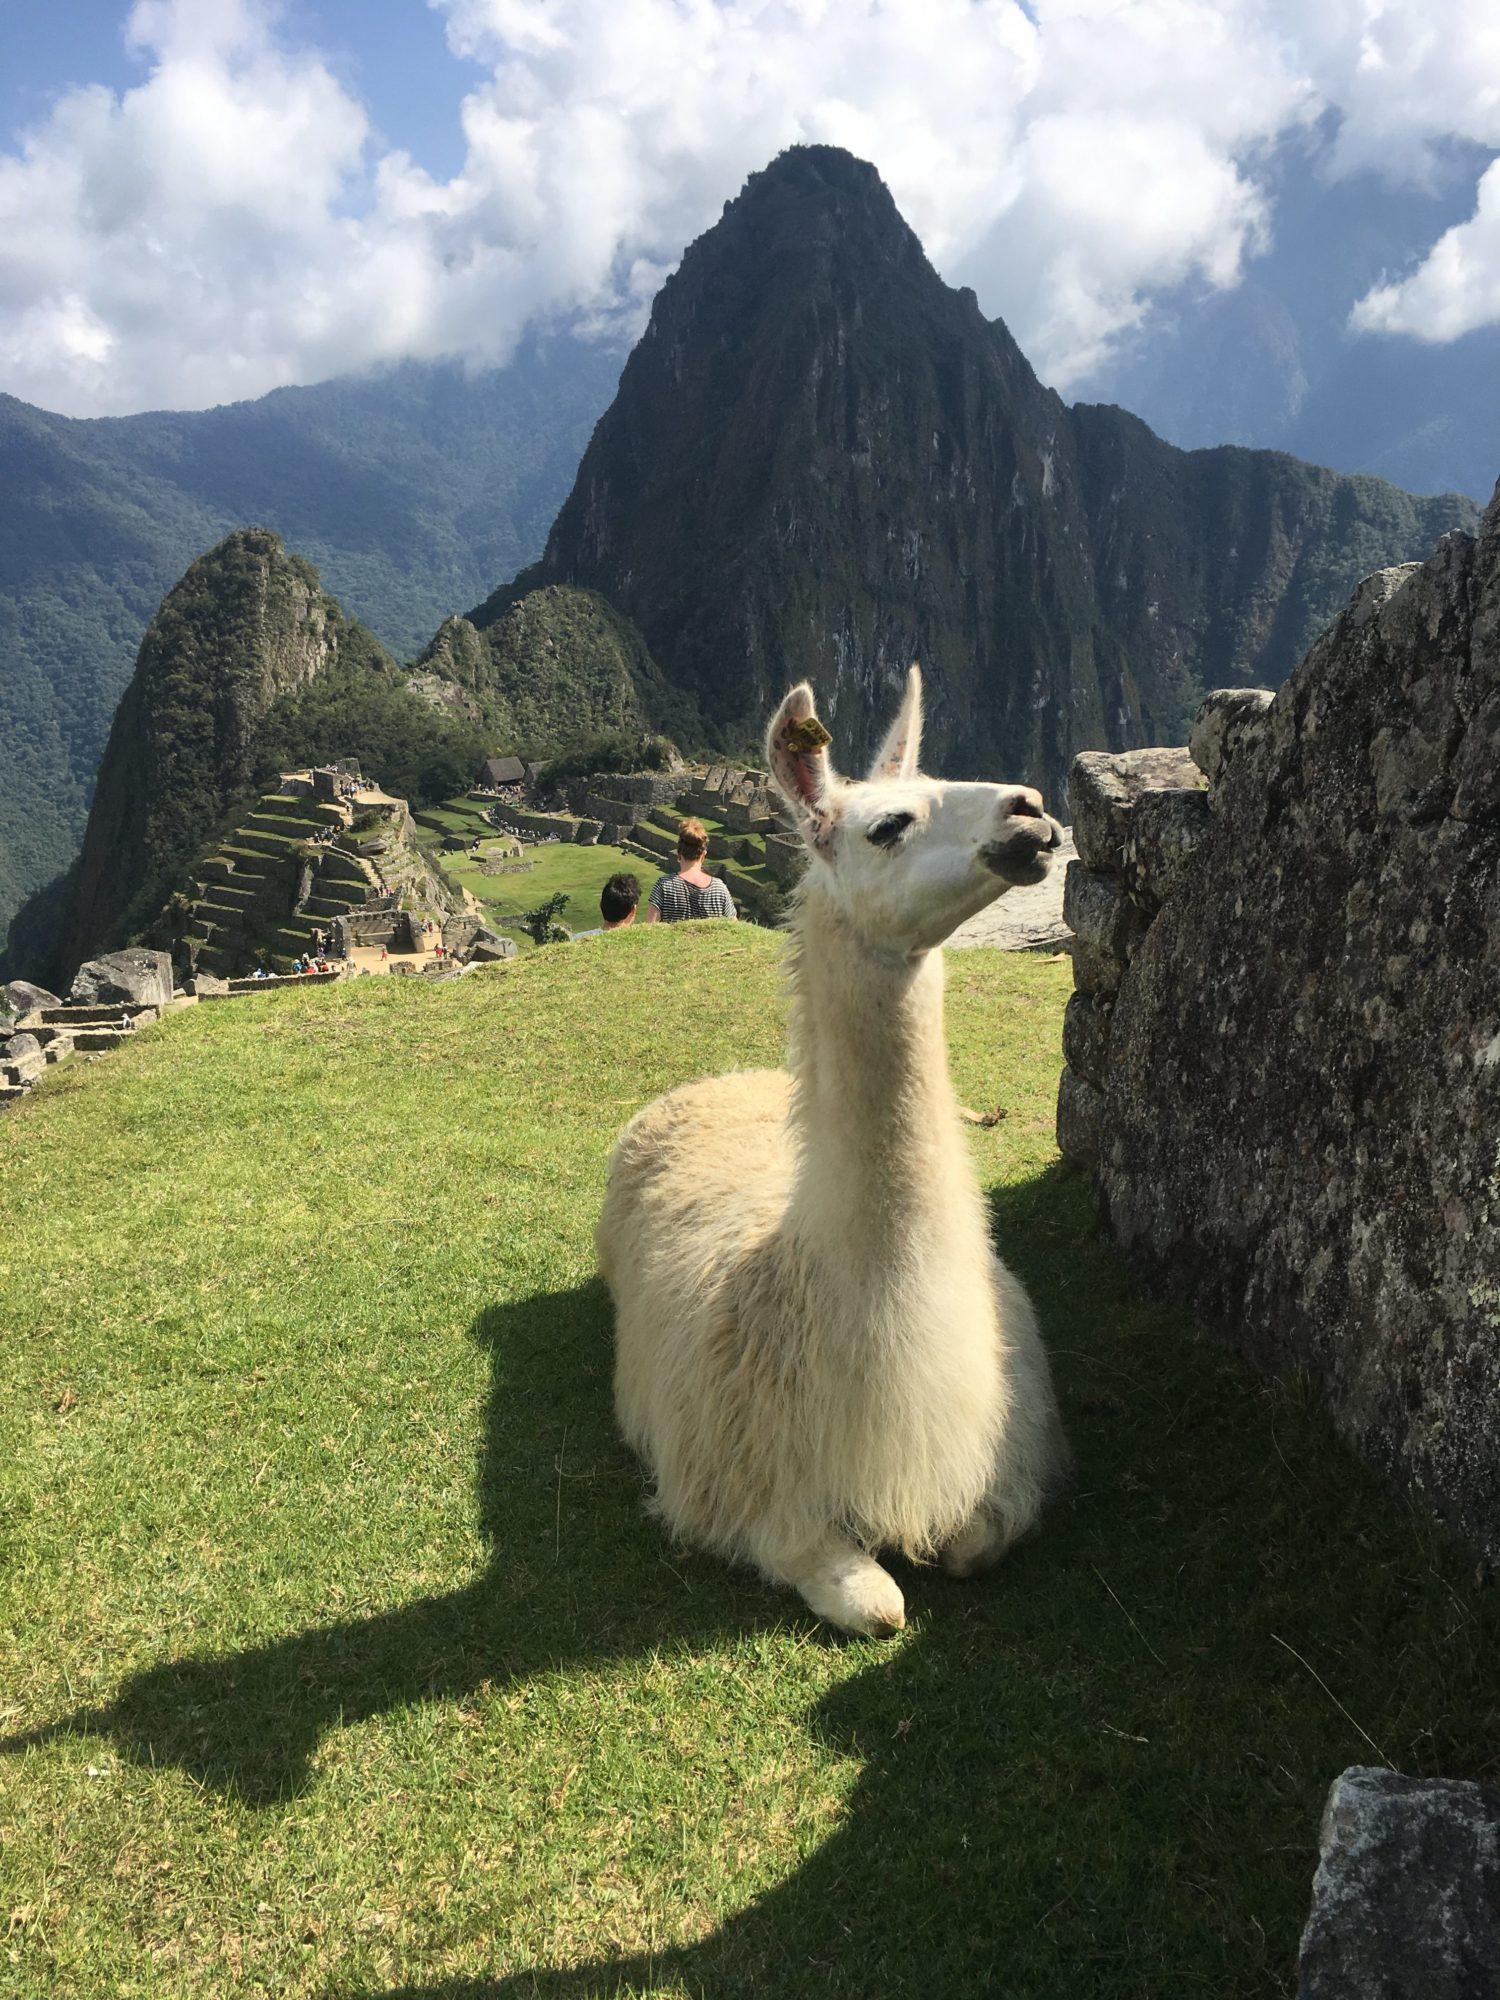 Er leven ook Alpaca's in Machu Picchu